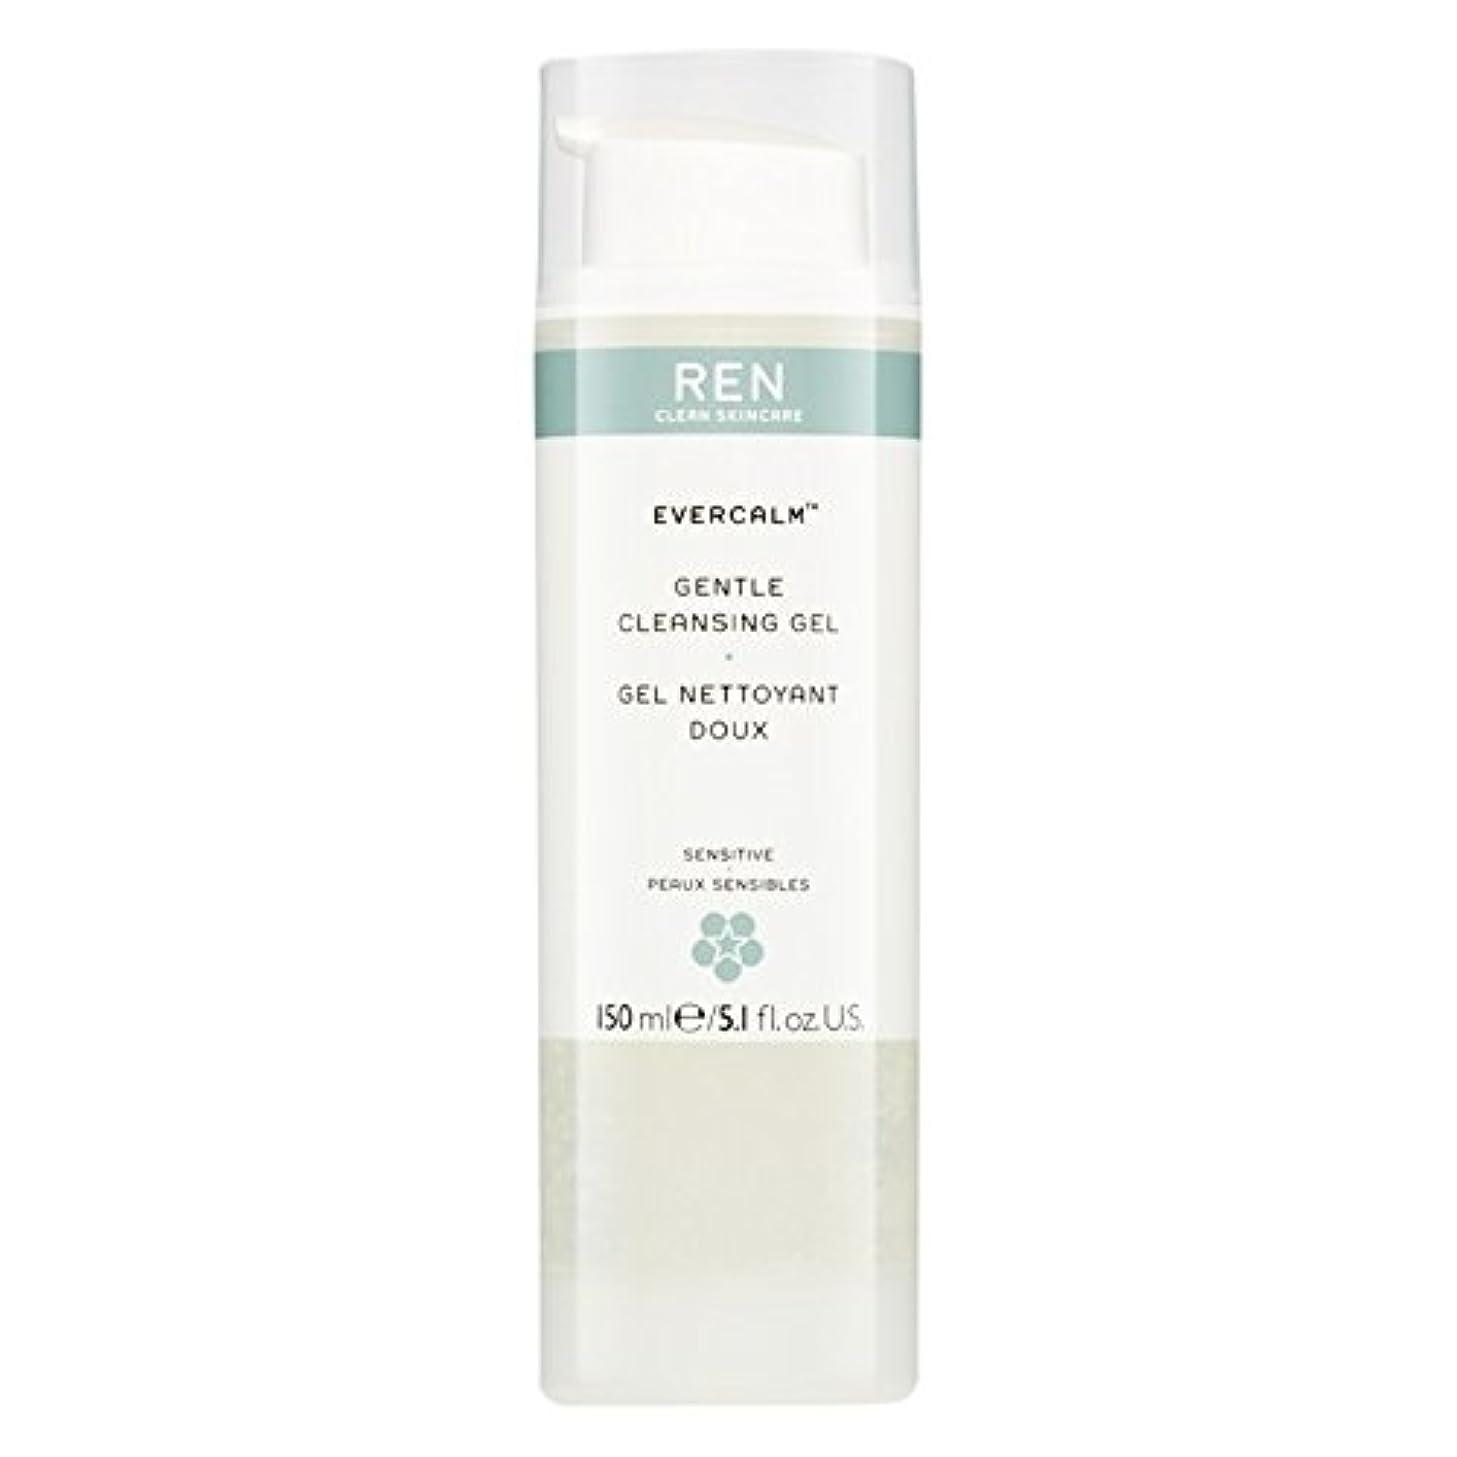 意気消沈した試してみる補助金Ren Evercalm優しいクレンジングジェル、150ミリリットル (REN) (x2) - REN Evercalm Gentle Cleansing Gel, 150ml (Pack of 2) [並行輸入品]